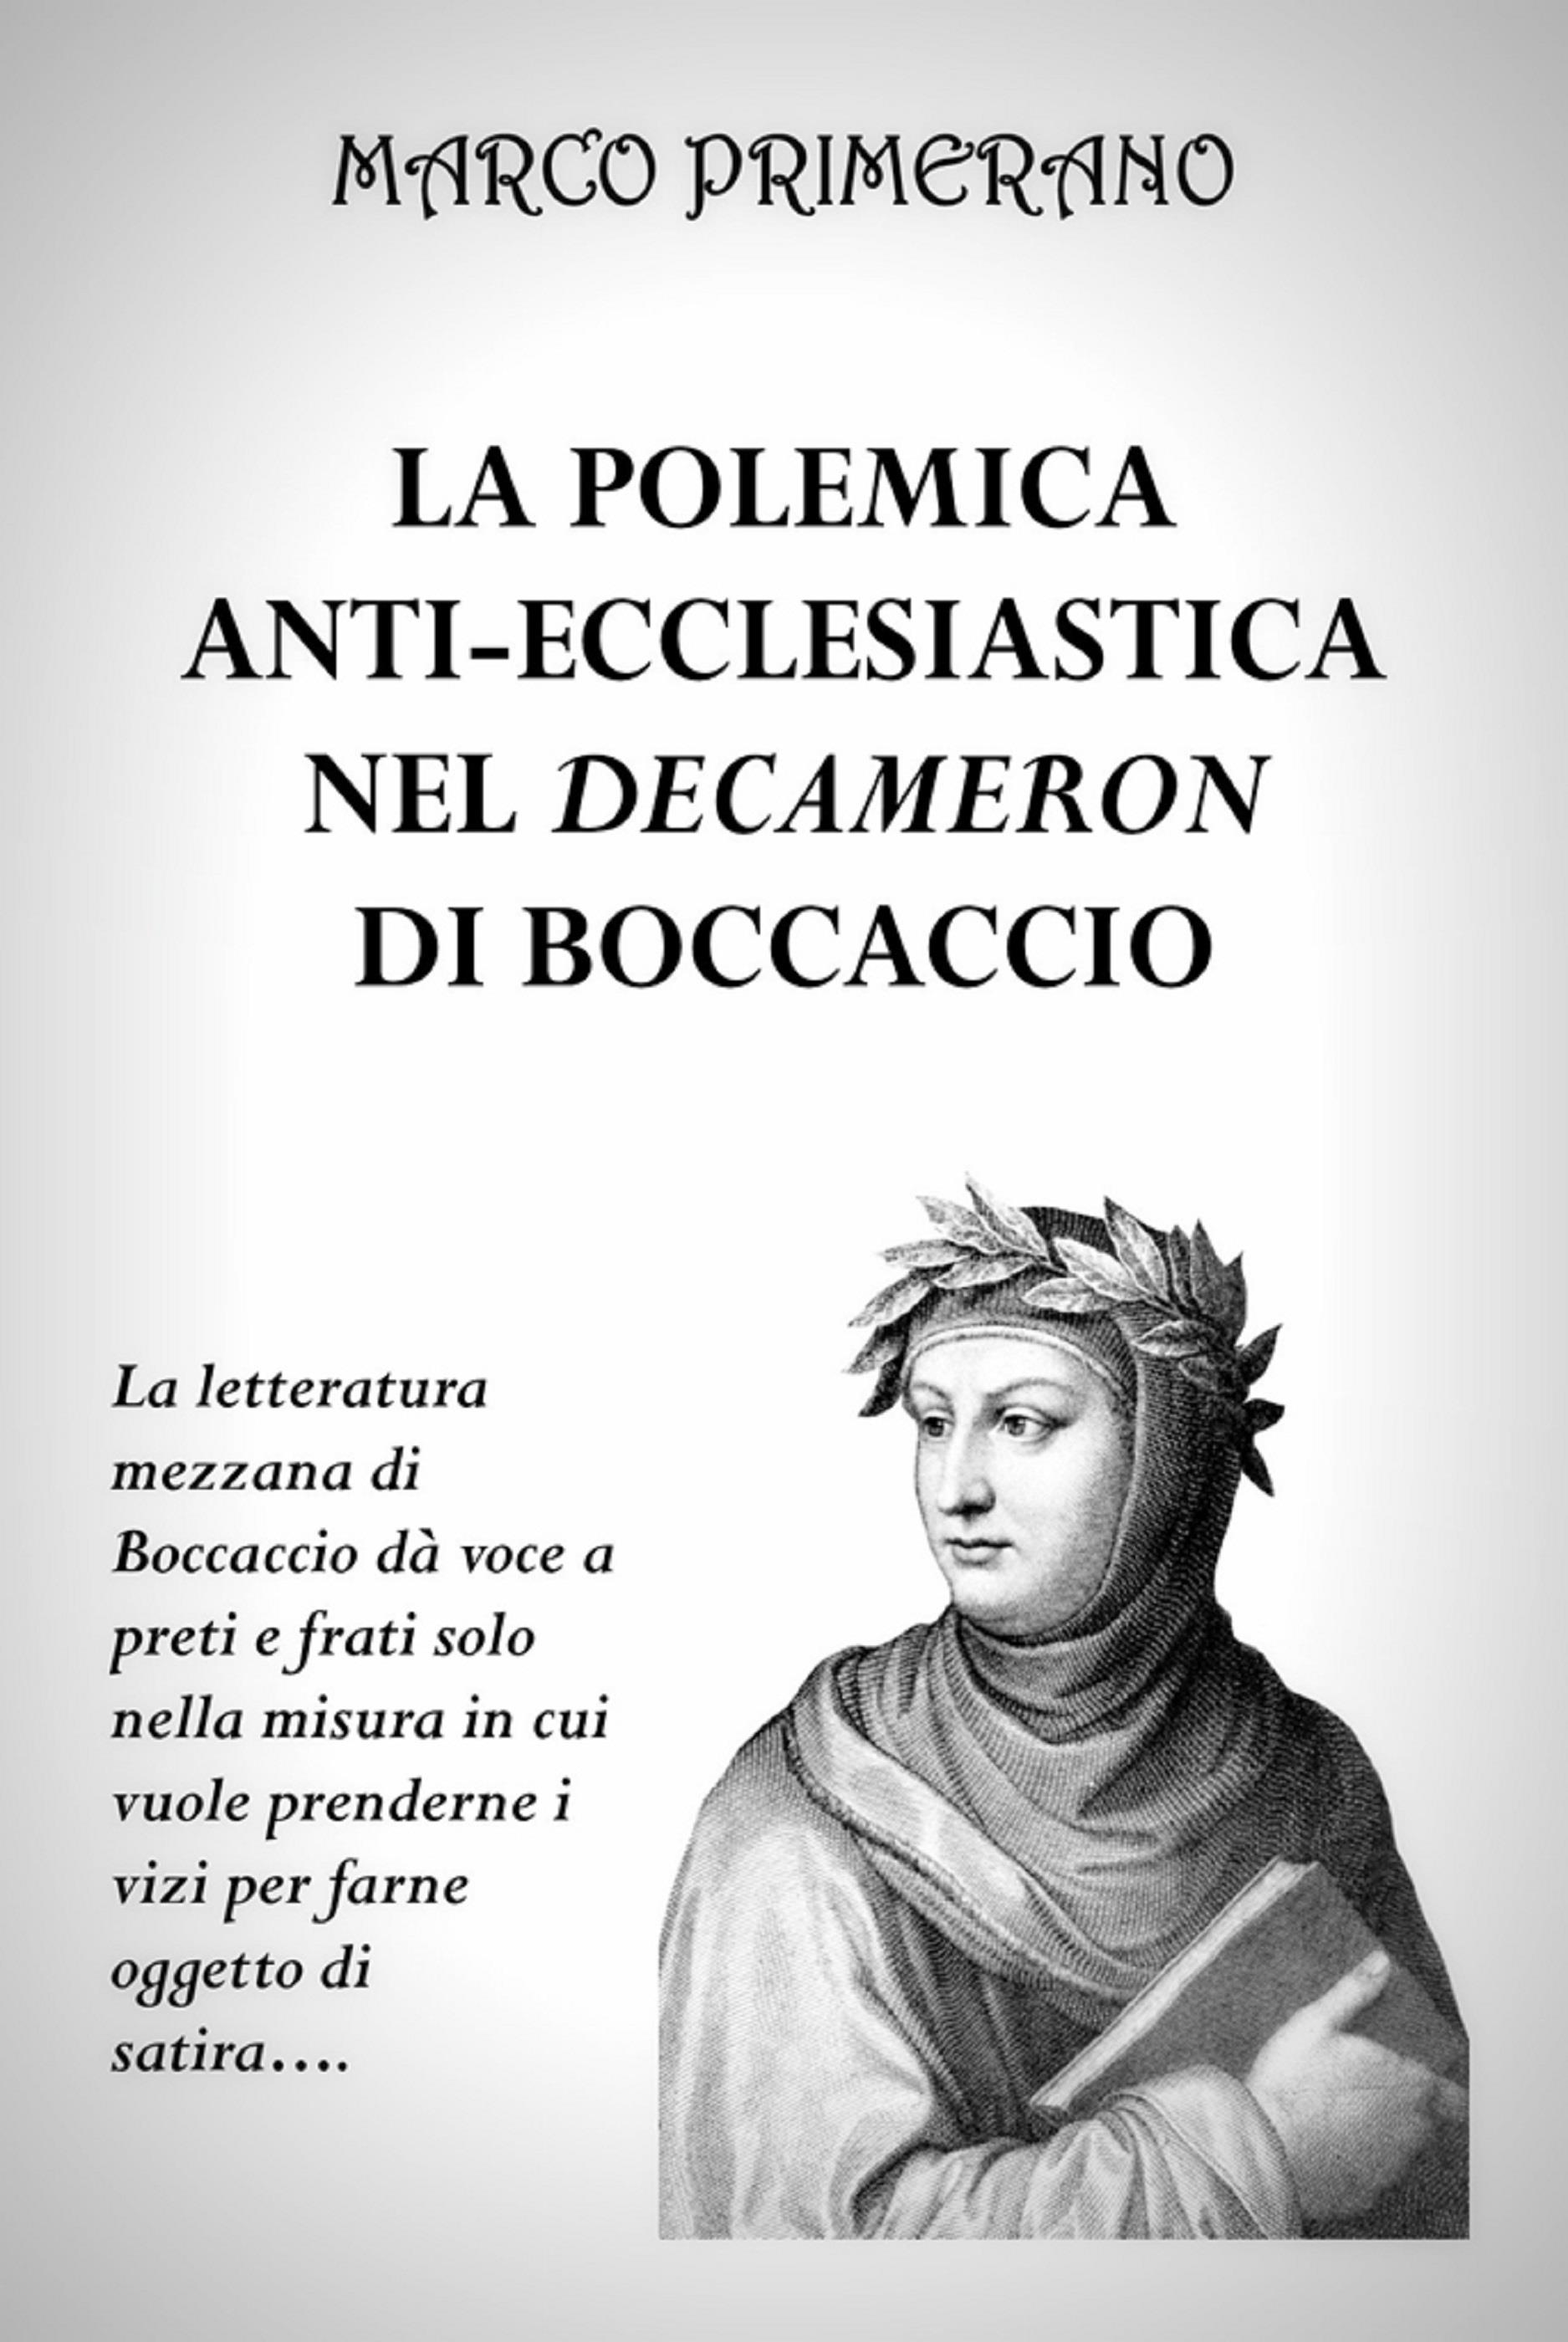 La polemica anti-ecclesiastica nel Decameron di Boccaccio